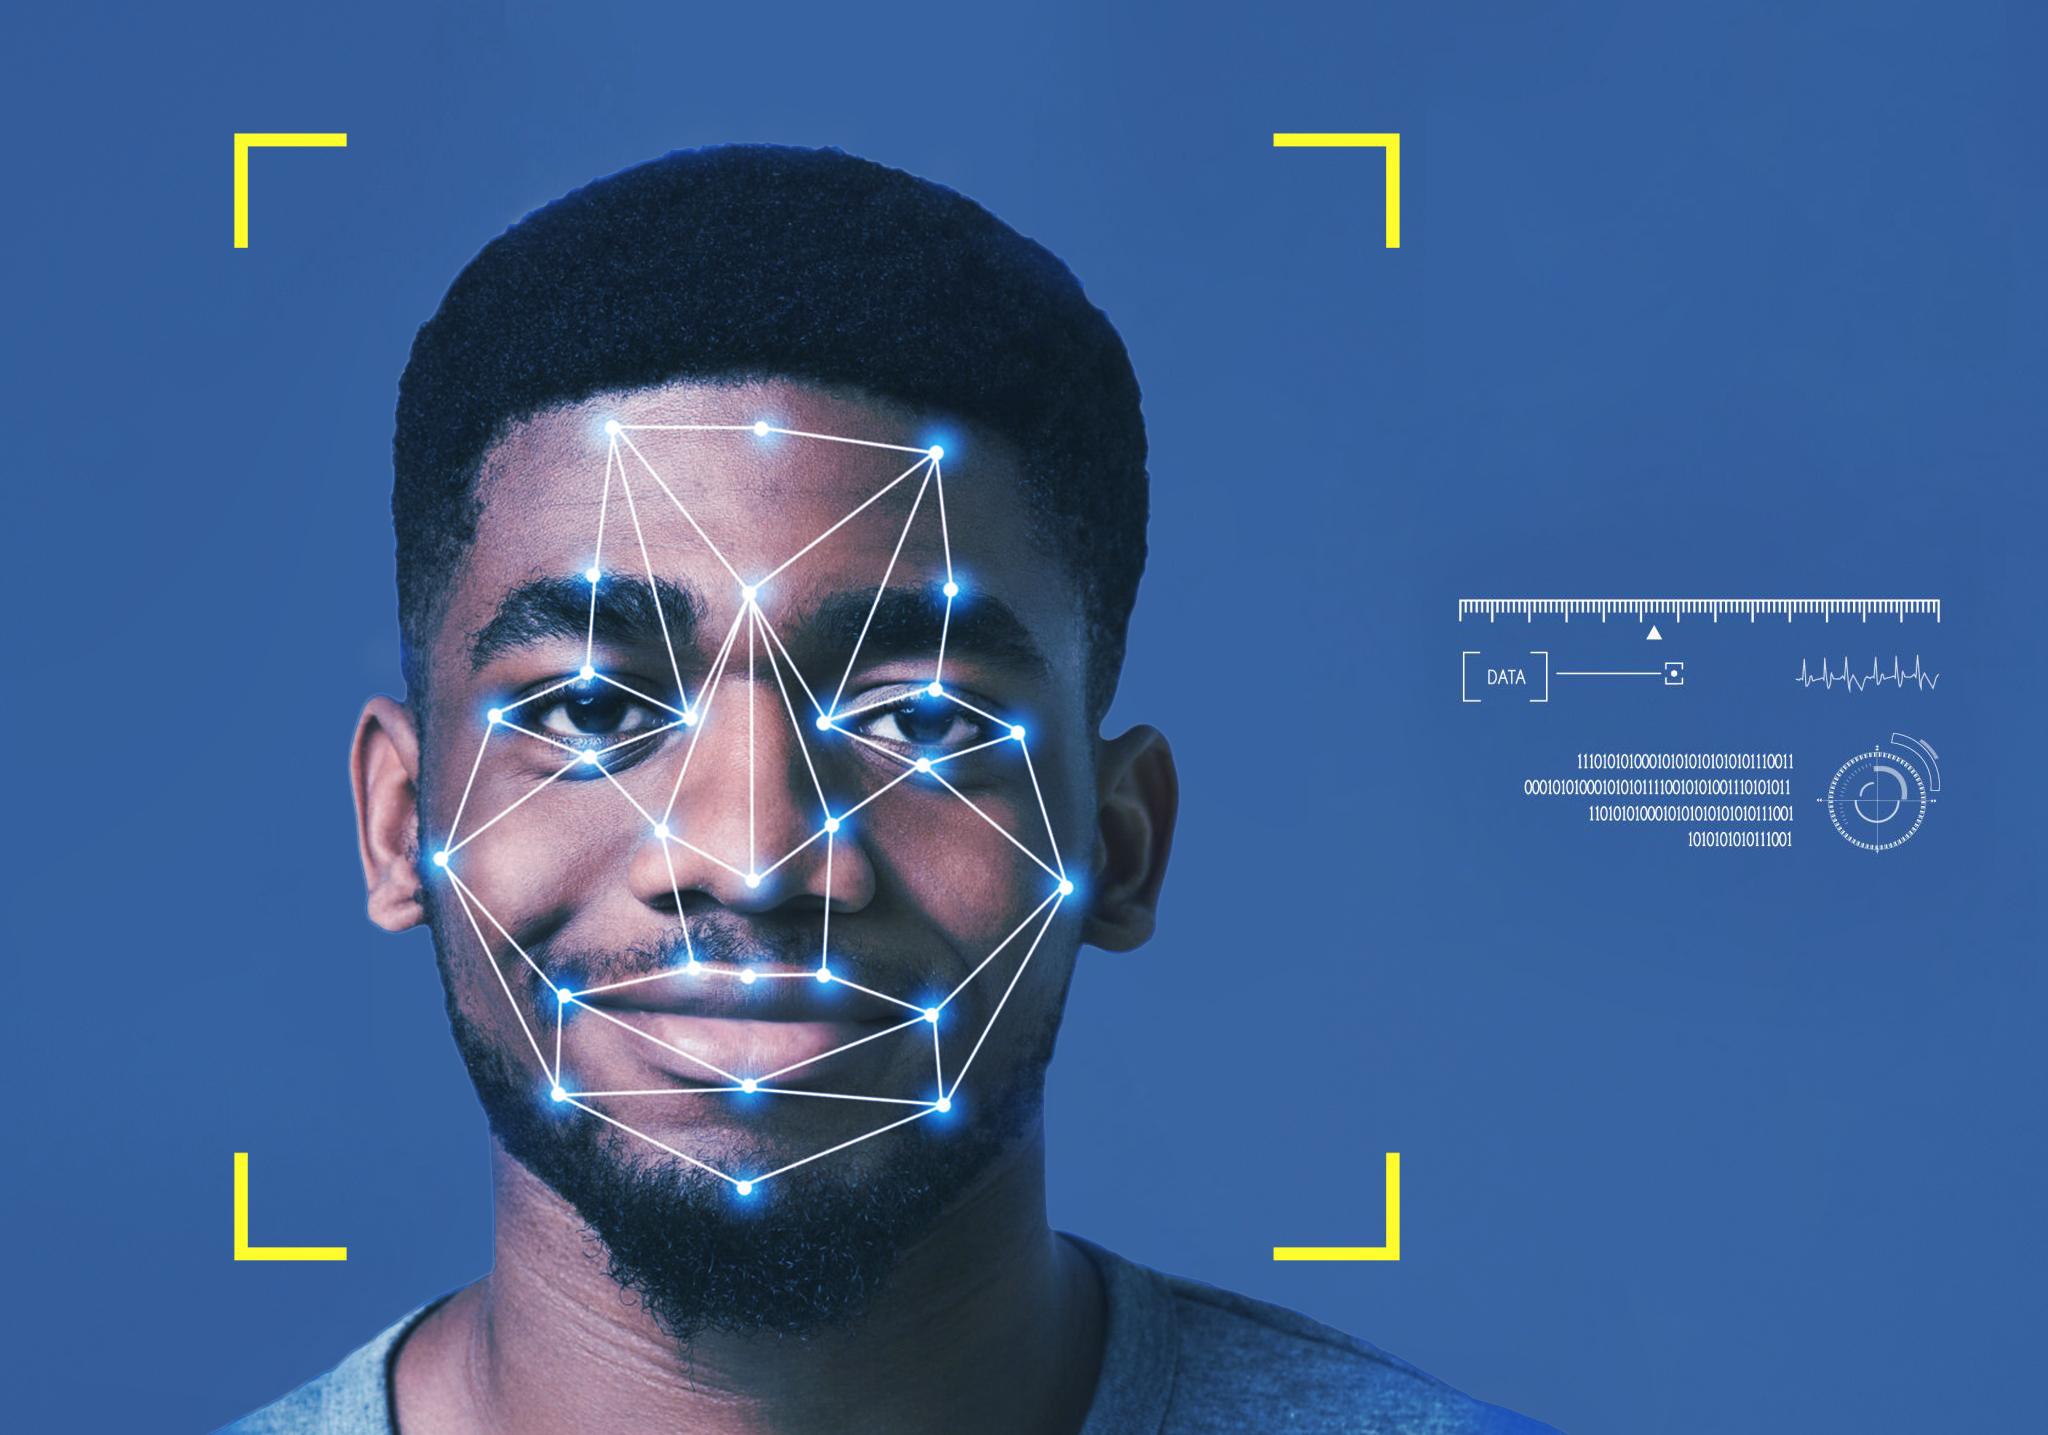 بینایی ماشین و پردازش تصویر